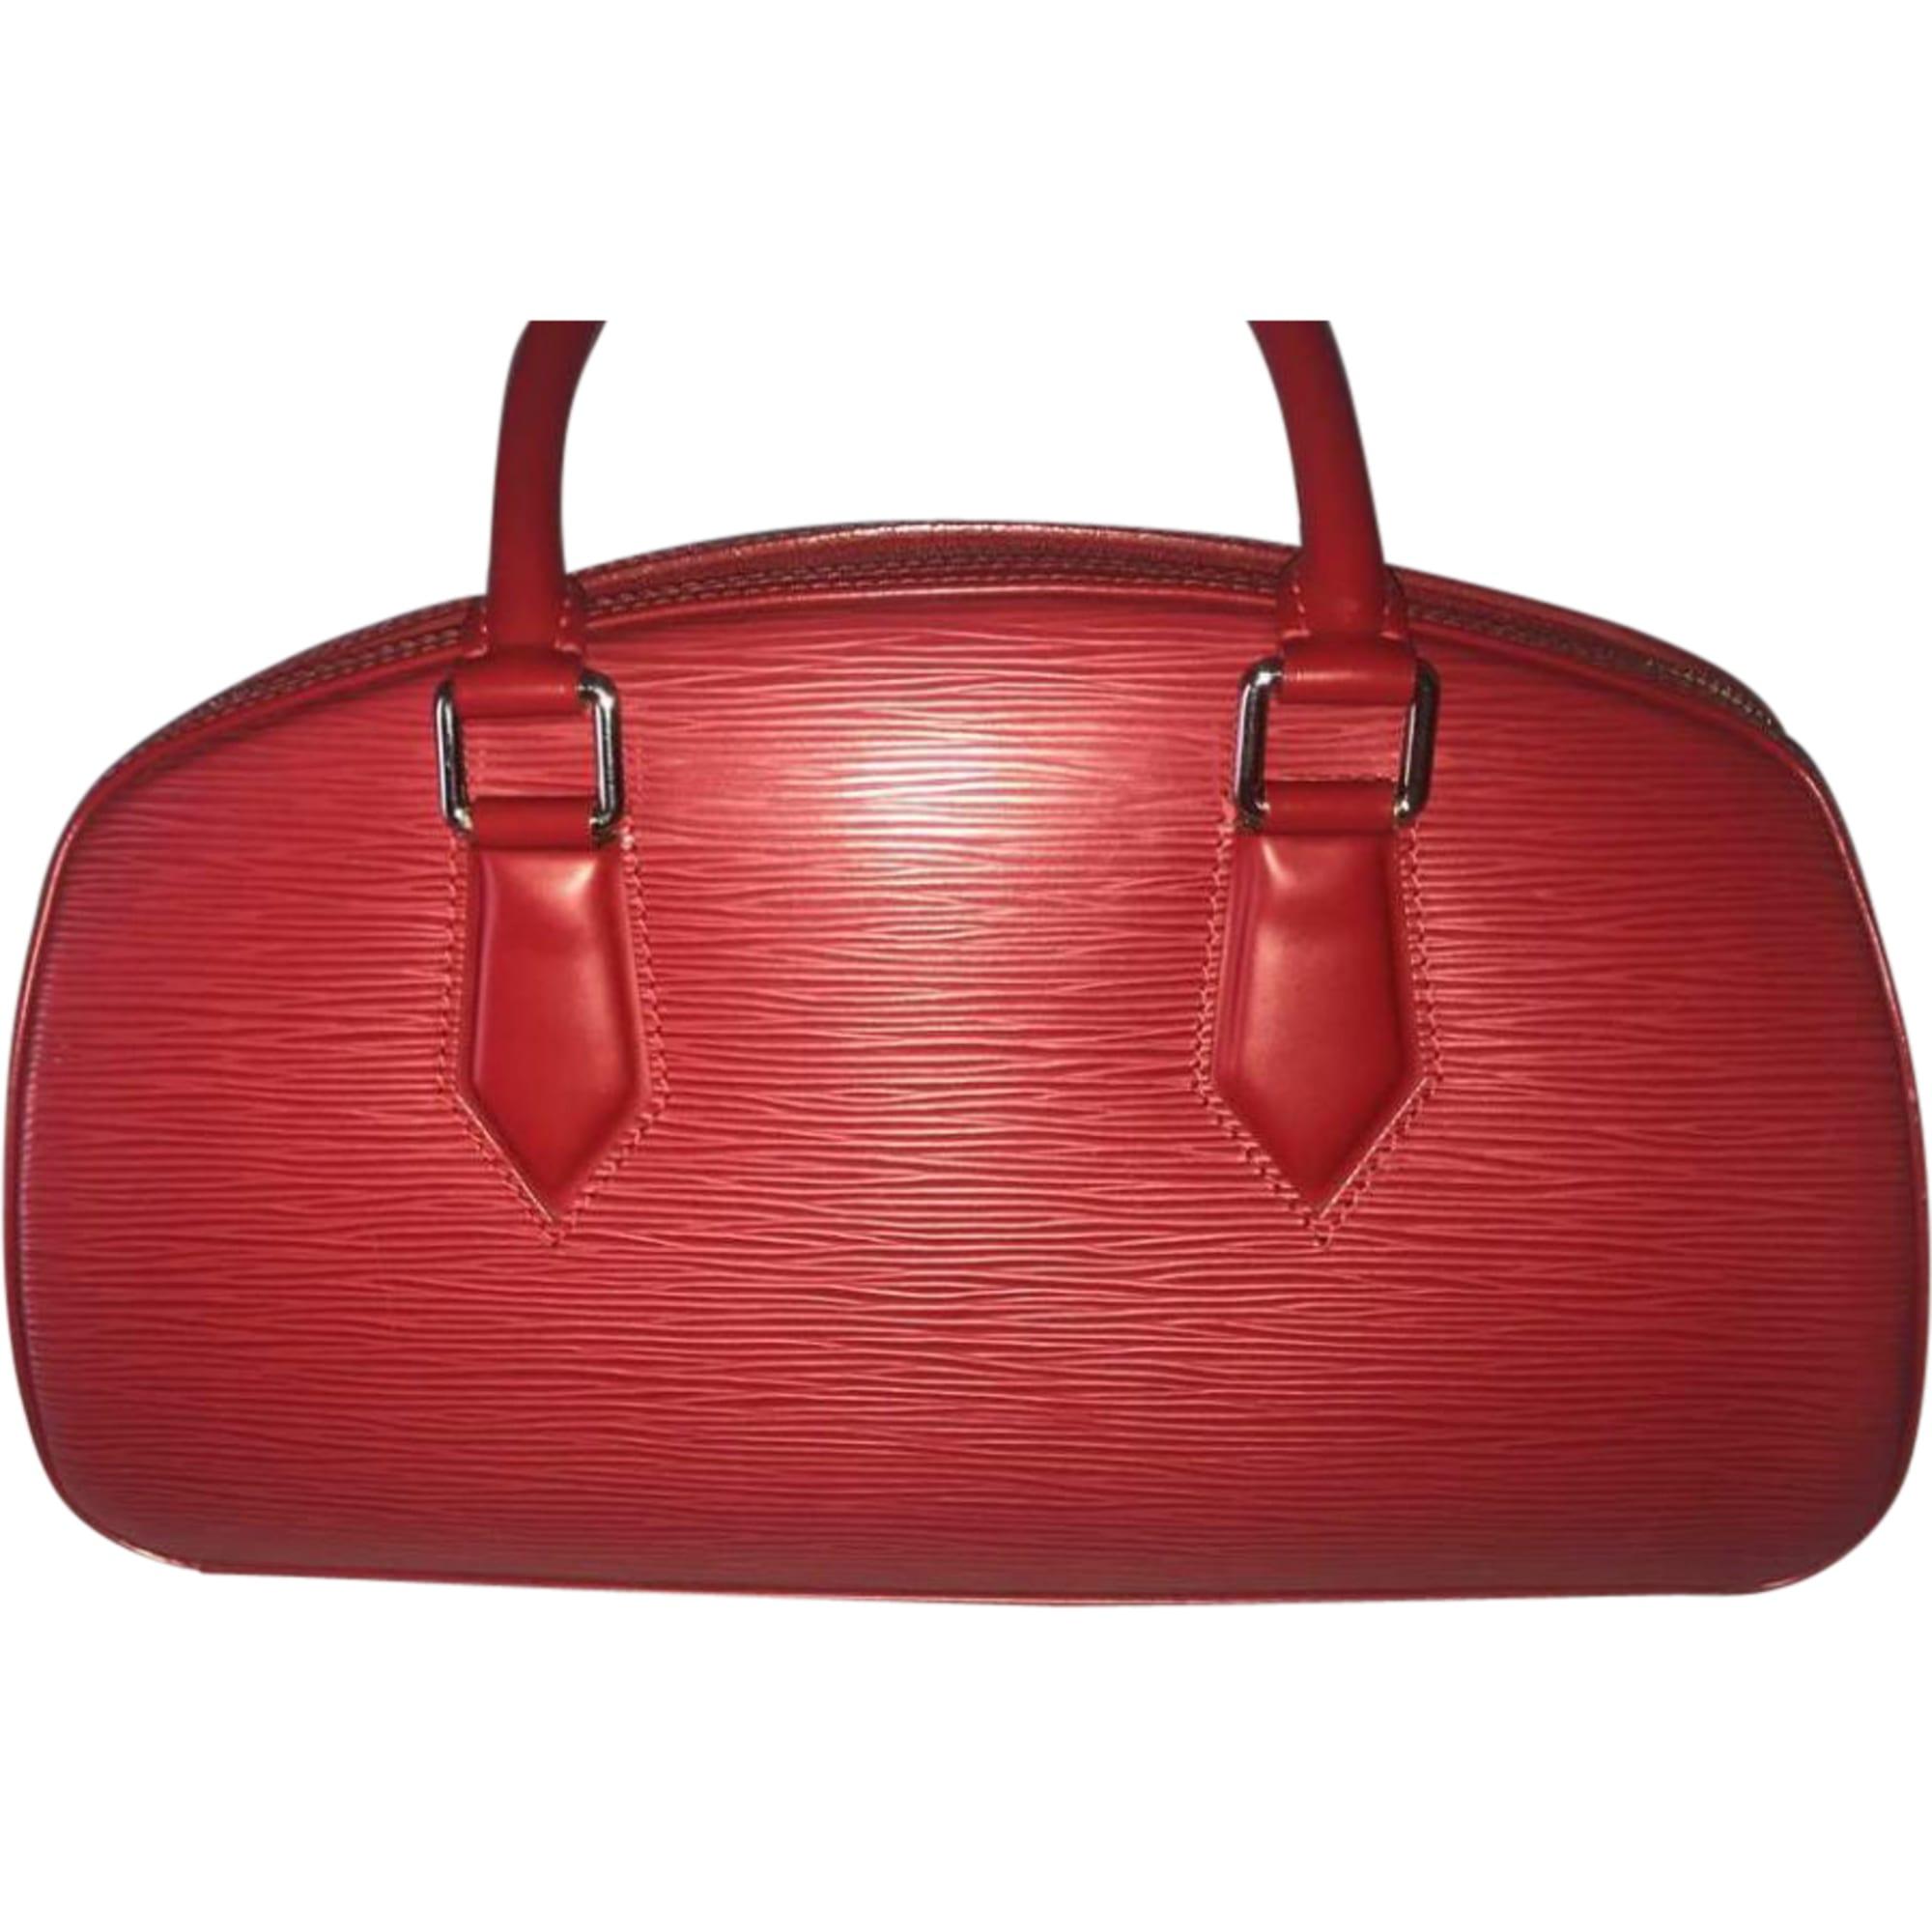 c98e903d80 Sac à main en cuir LOUIS VUITTON Rouge, bordeaux